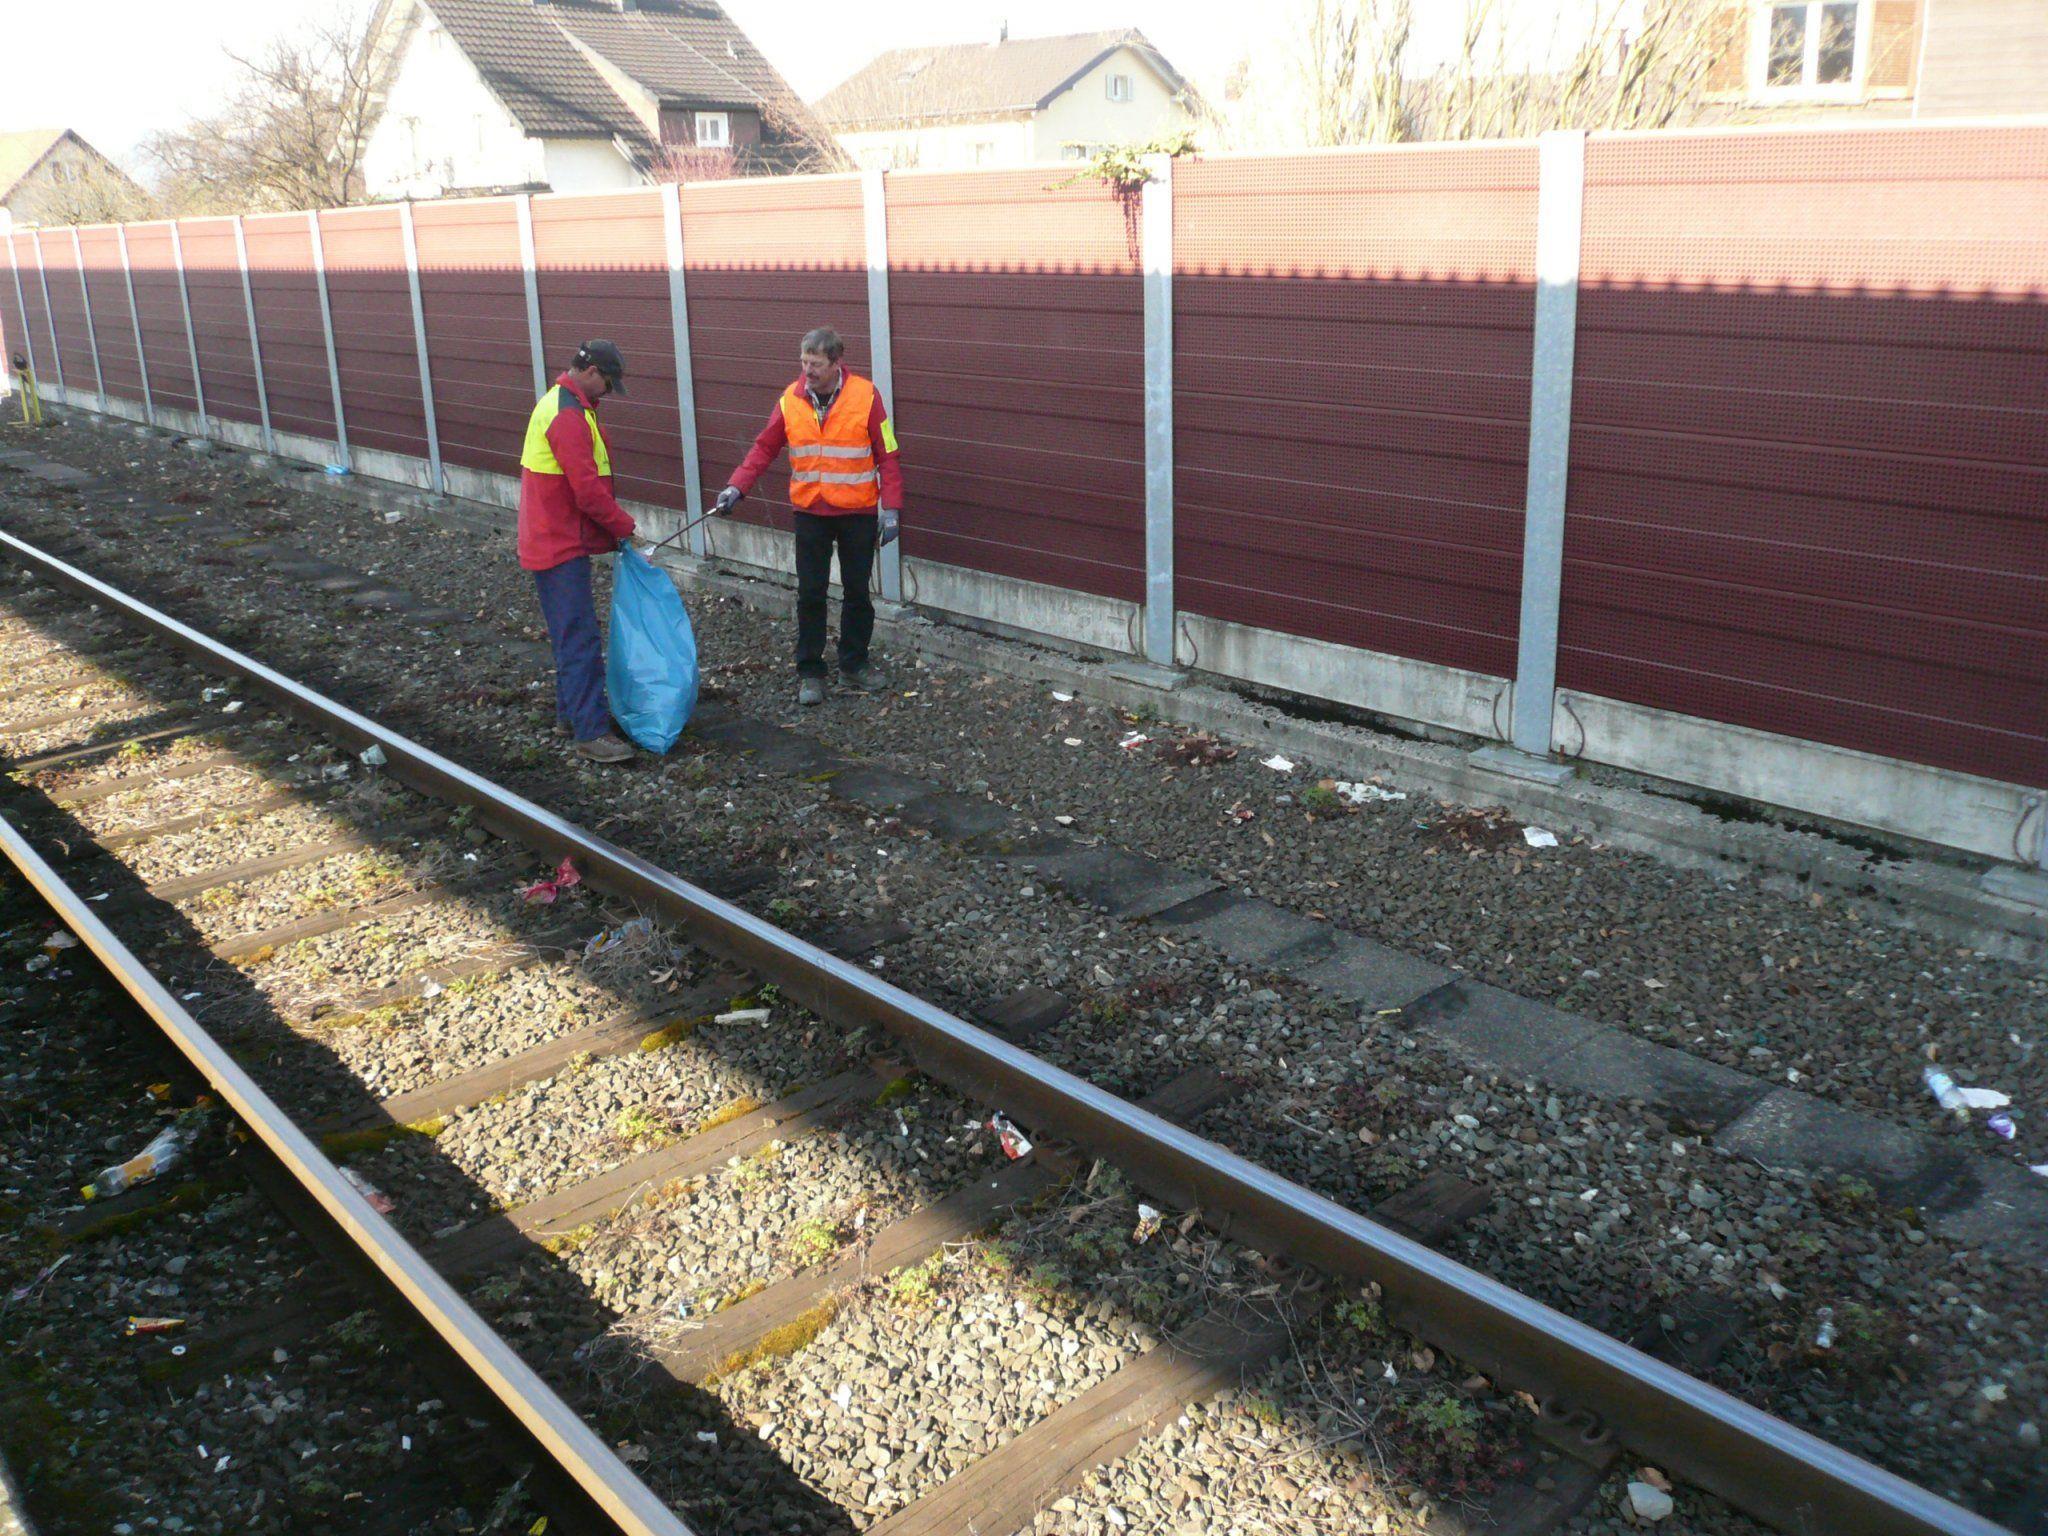 Nach dem Hinweis von Markus Klien, wurden die Gleise umgehend gereinigt.